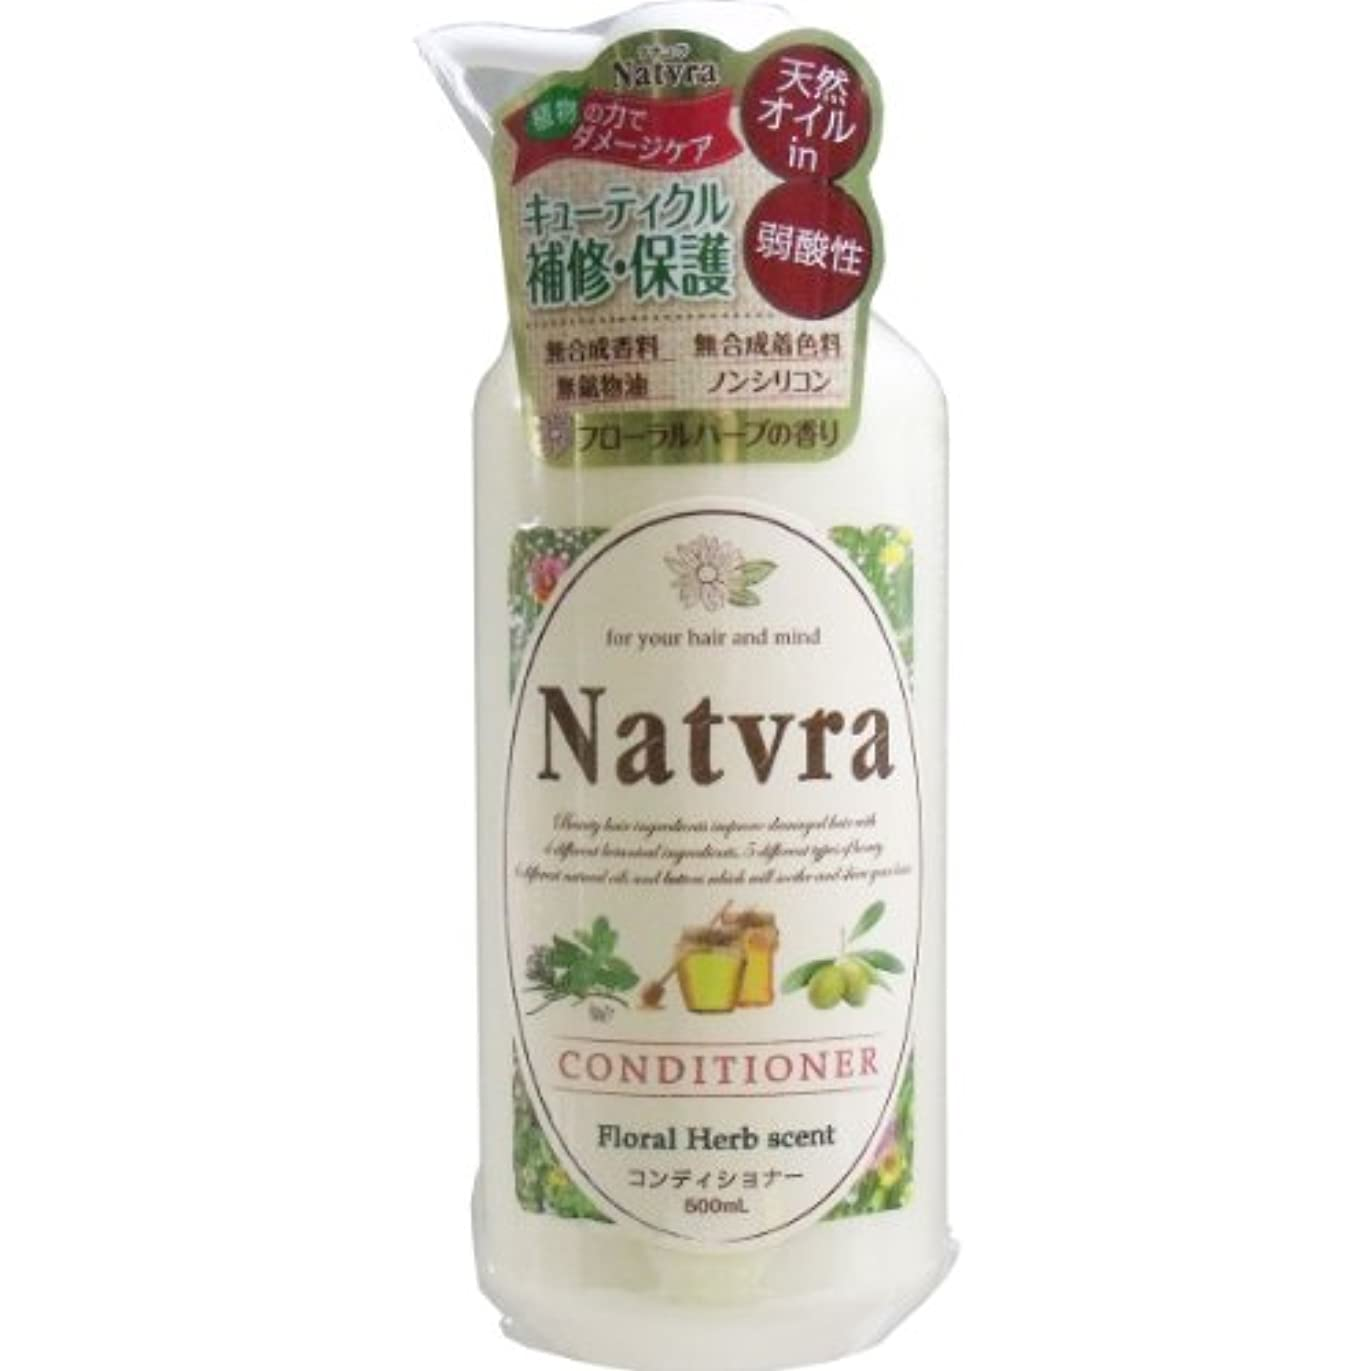 危険思春期の当社Natvra(ナチュラ) コンディショナー フローラルハーブの香り 500mL【3個セット】